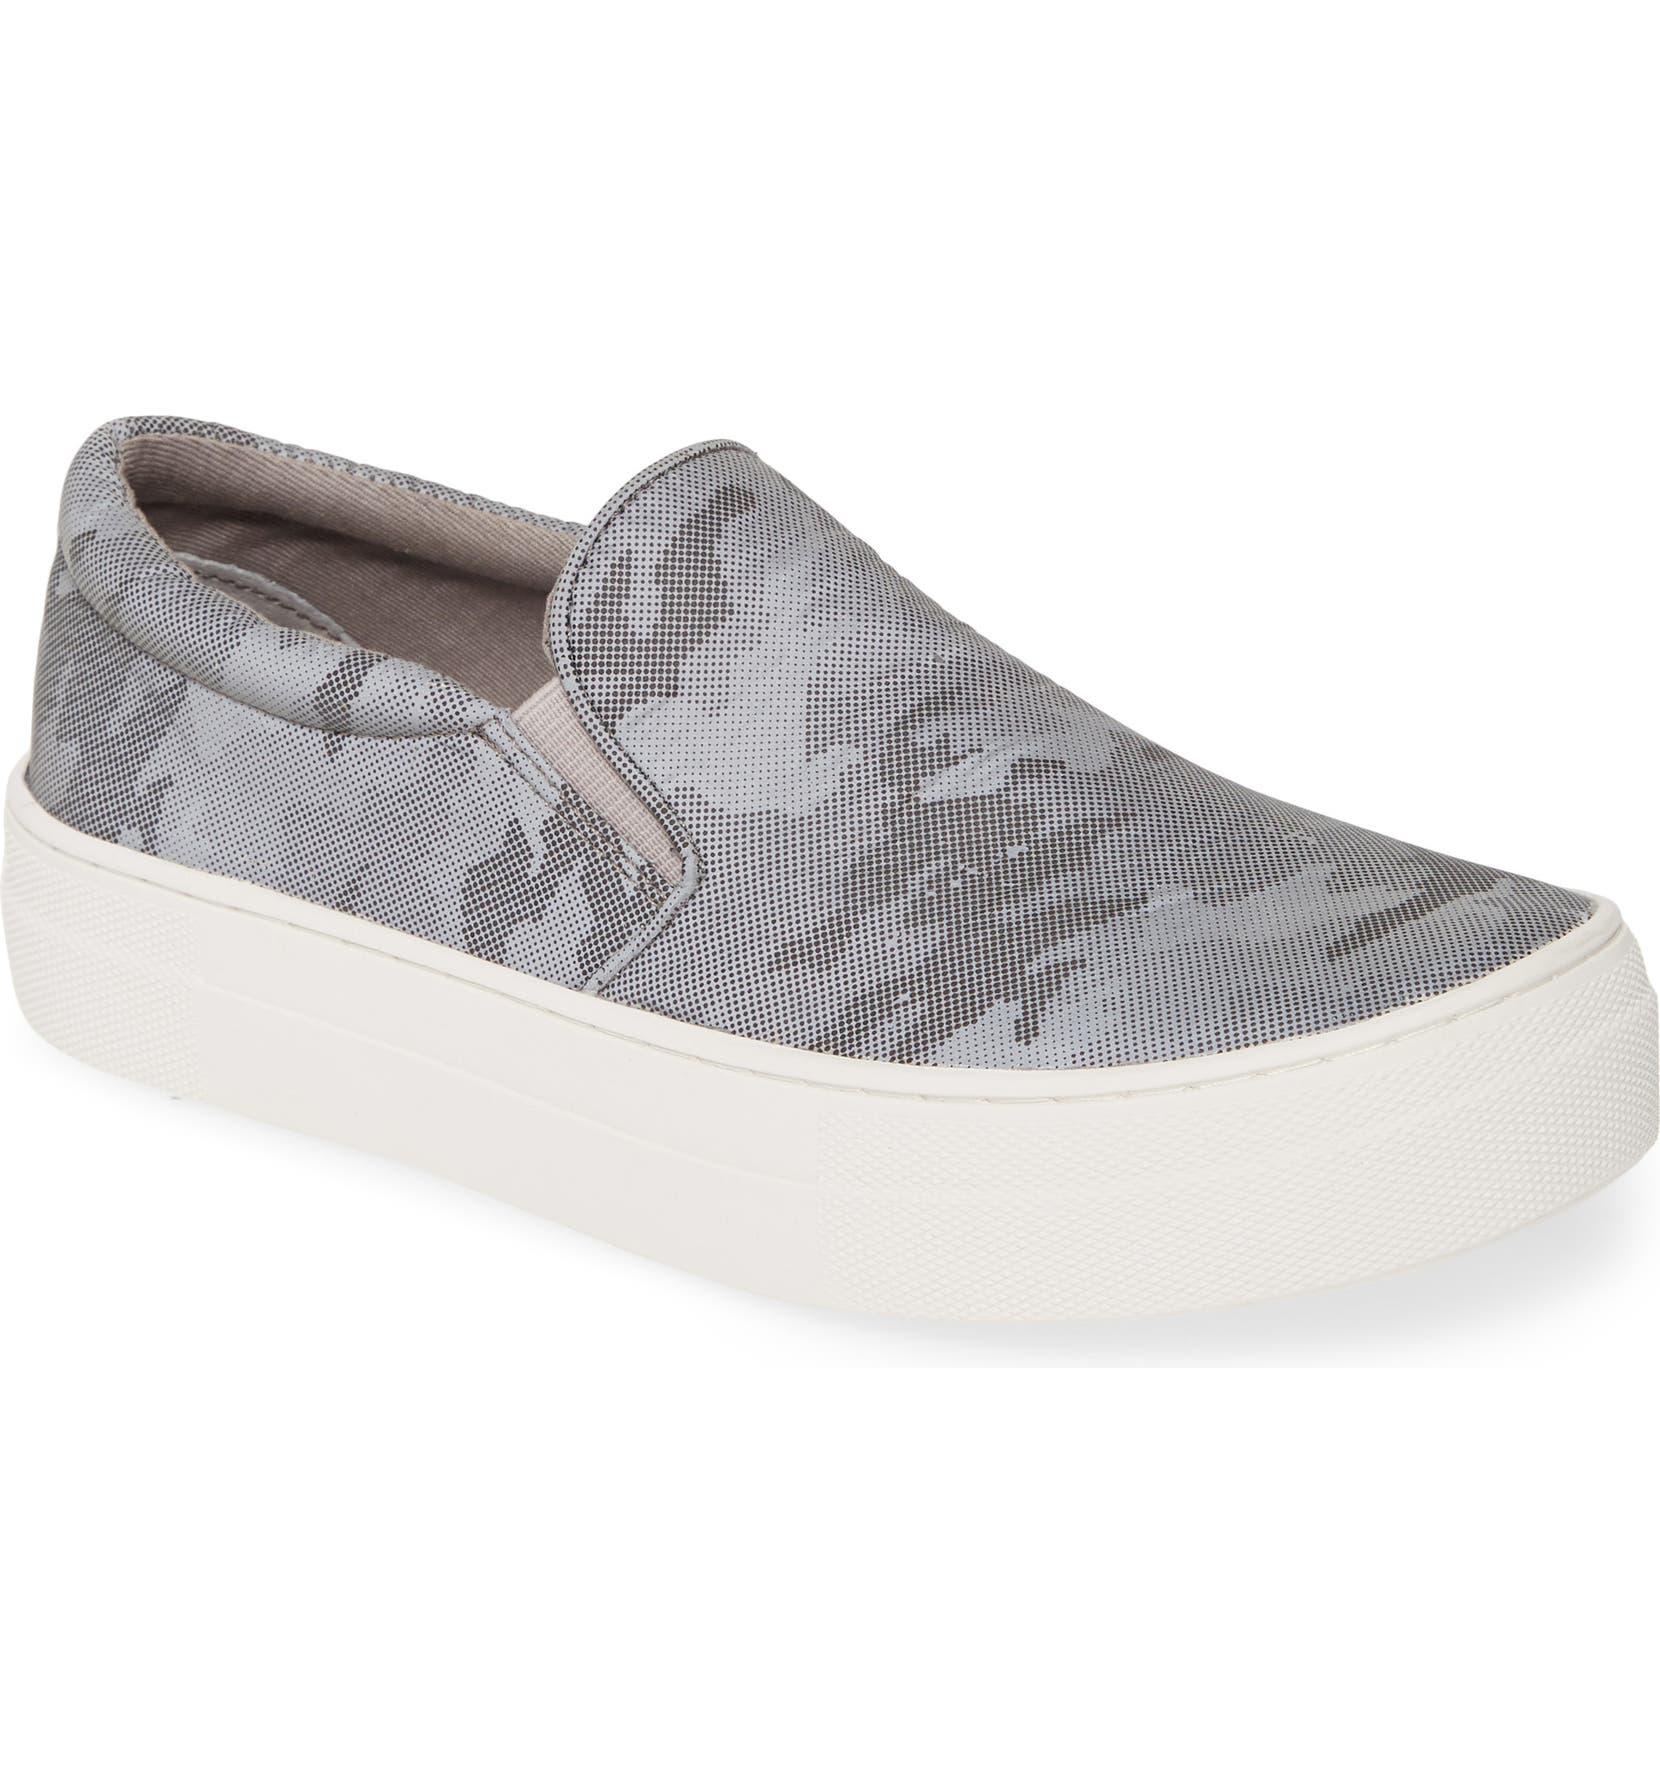 2564c76a0356 Steve Madden Gills Platform Slip-On Sneaker (Women) | Nordstrom